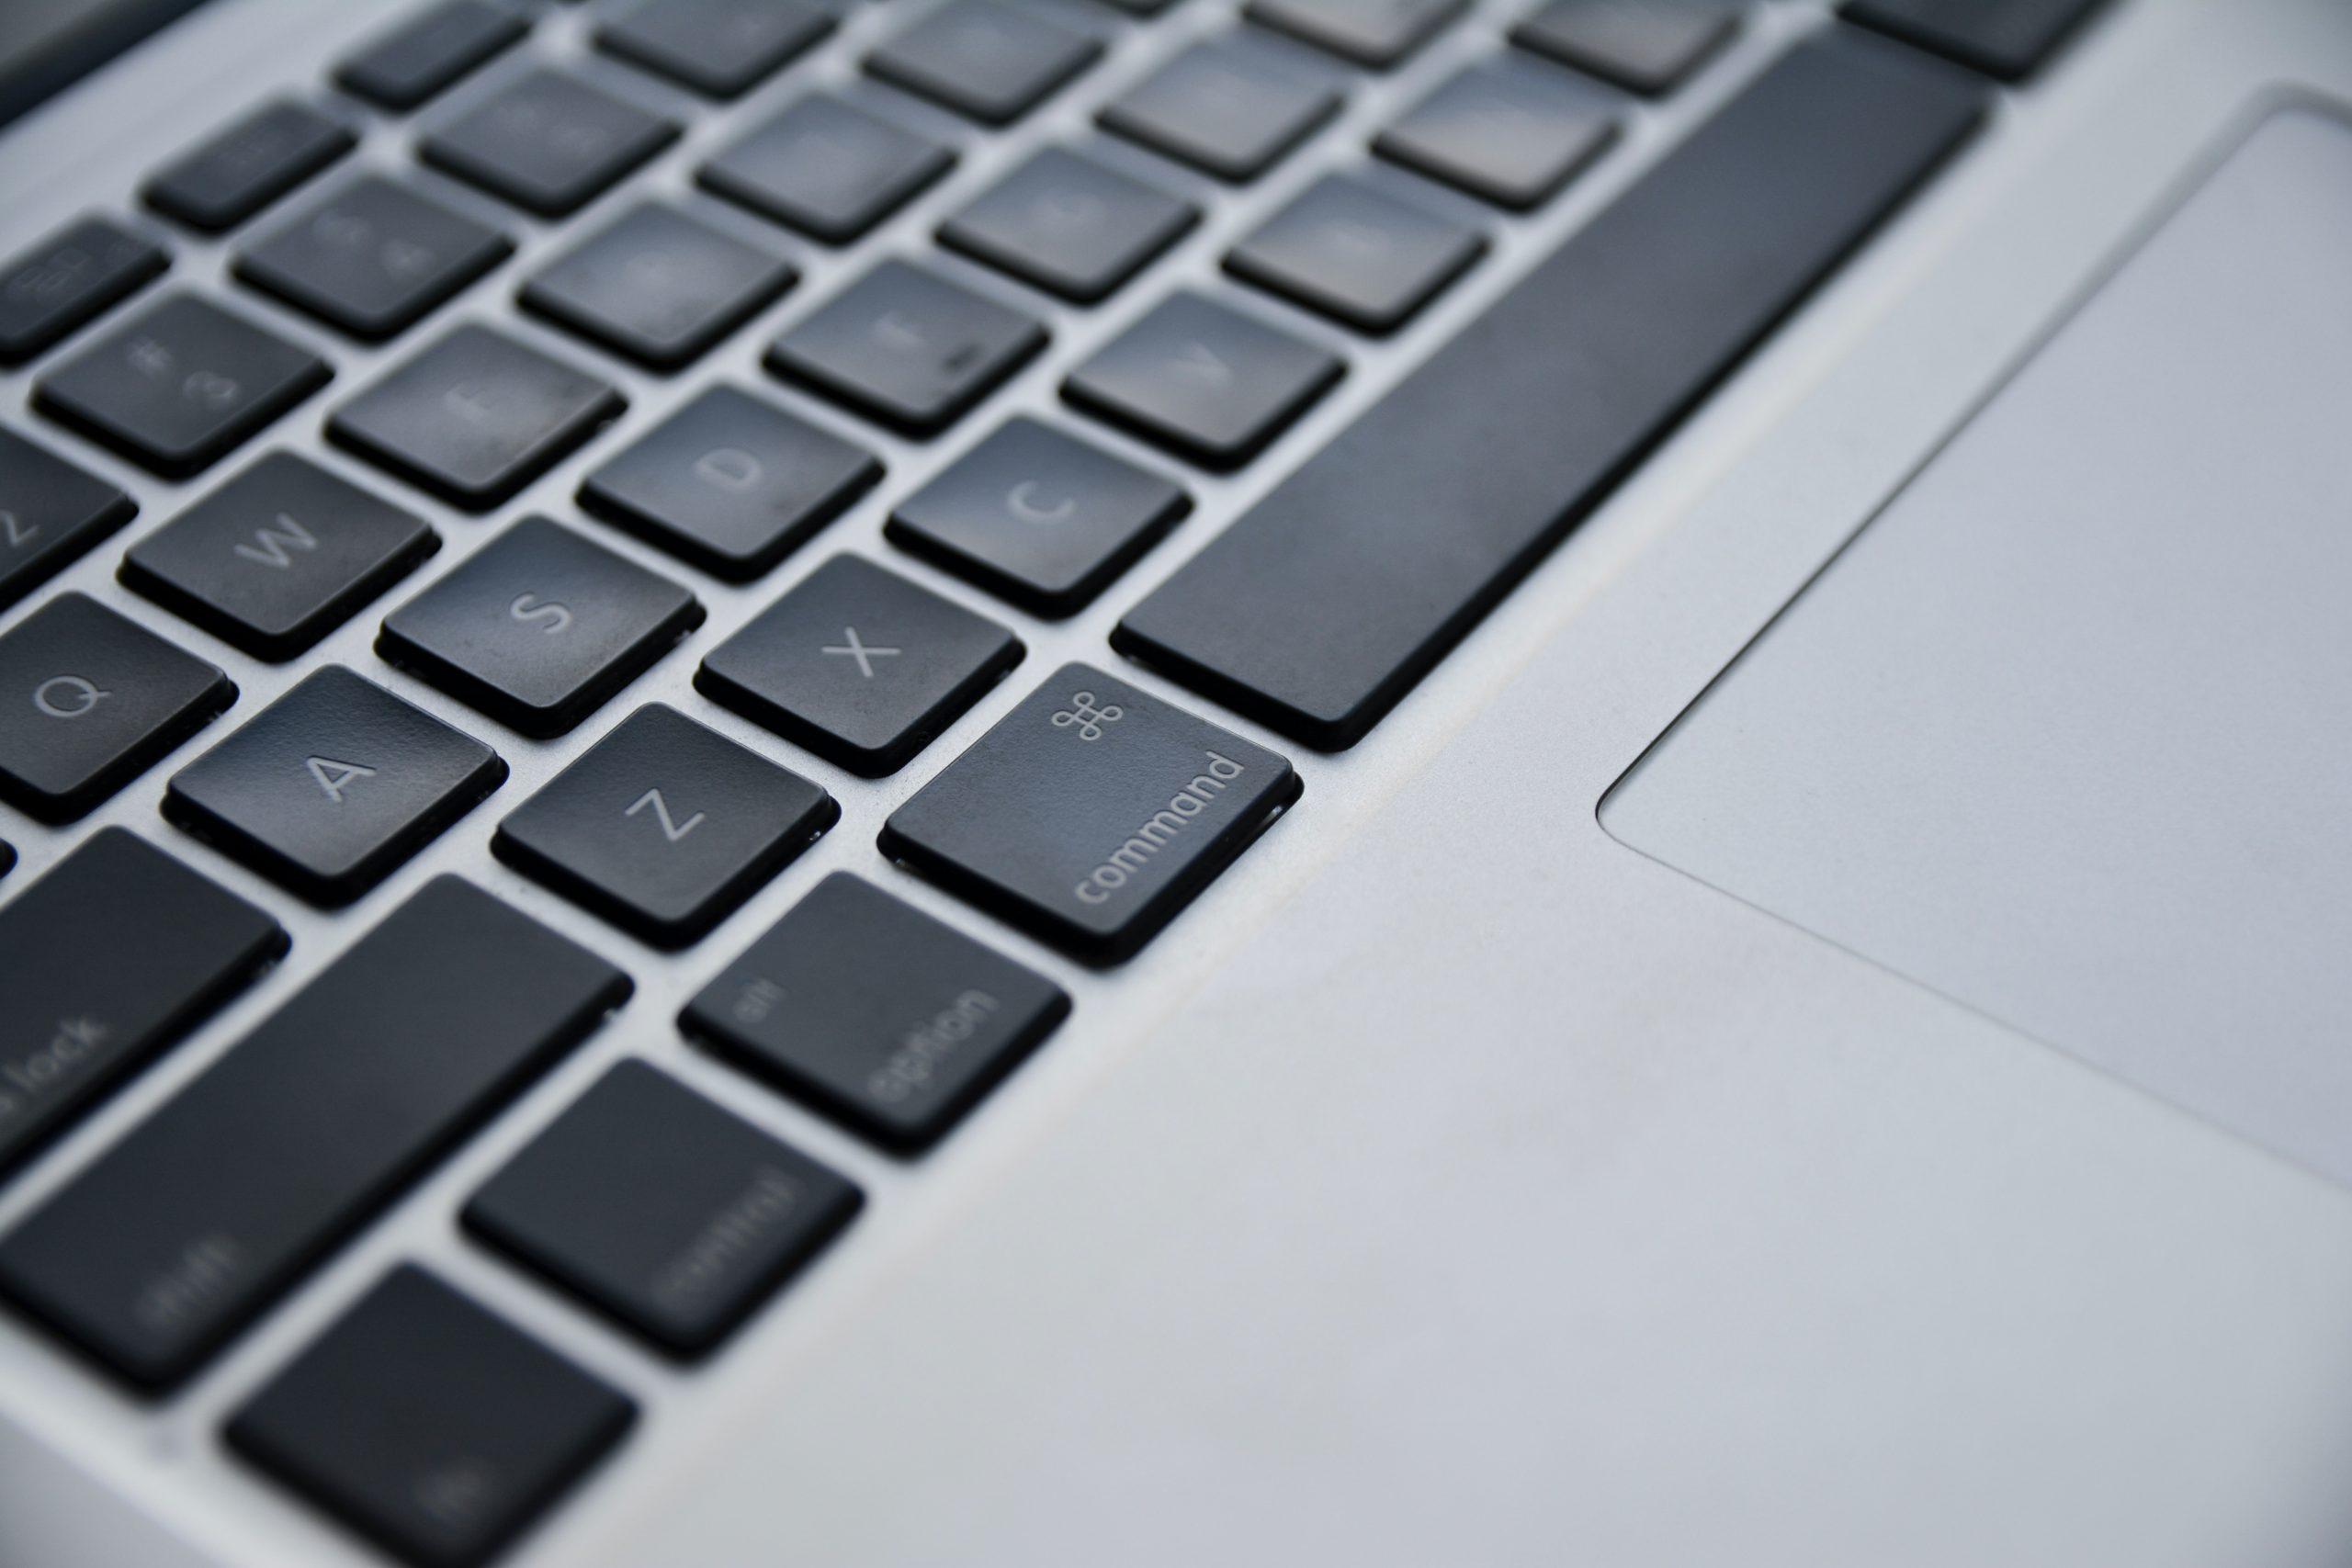 メルカリでは商品ページにもキーワードを入れる